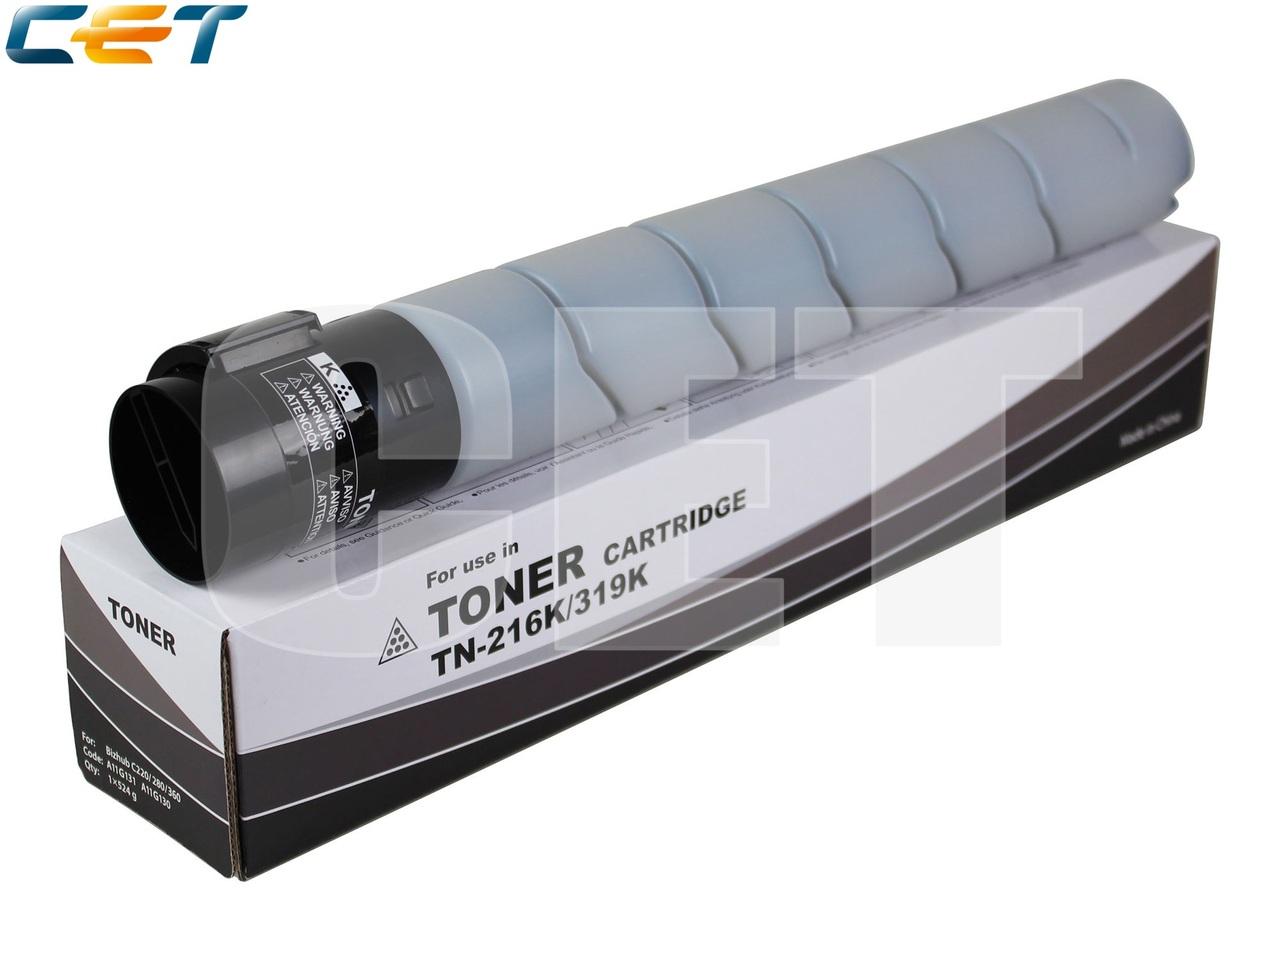 Тонер-картридж (NF5) TN-216K/319K для KONICA MINOLTABizhub C220/C280/C360 (CET) Black, 524г, 29000 стр., CET6839